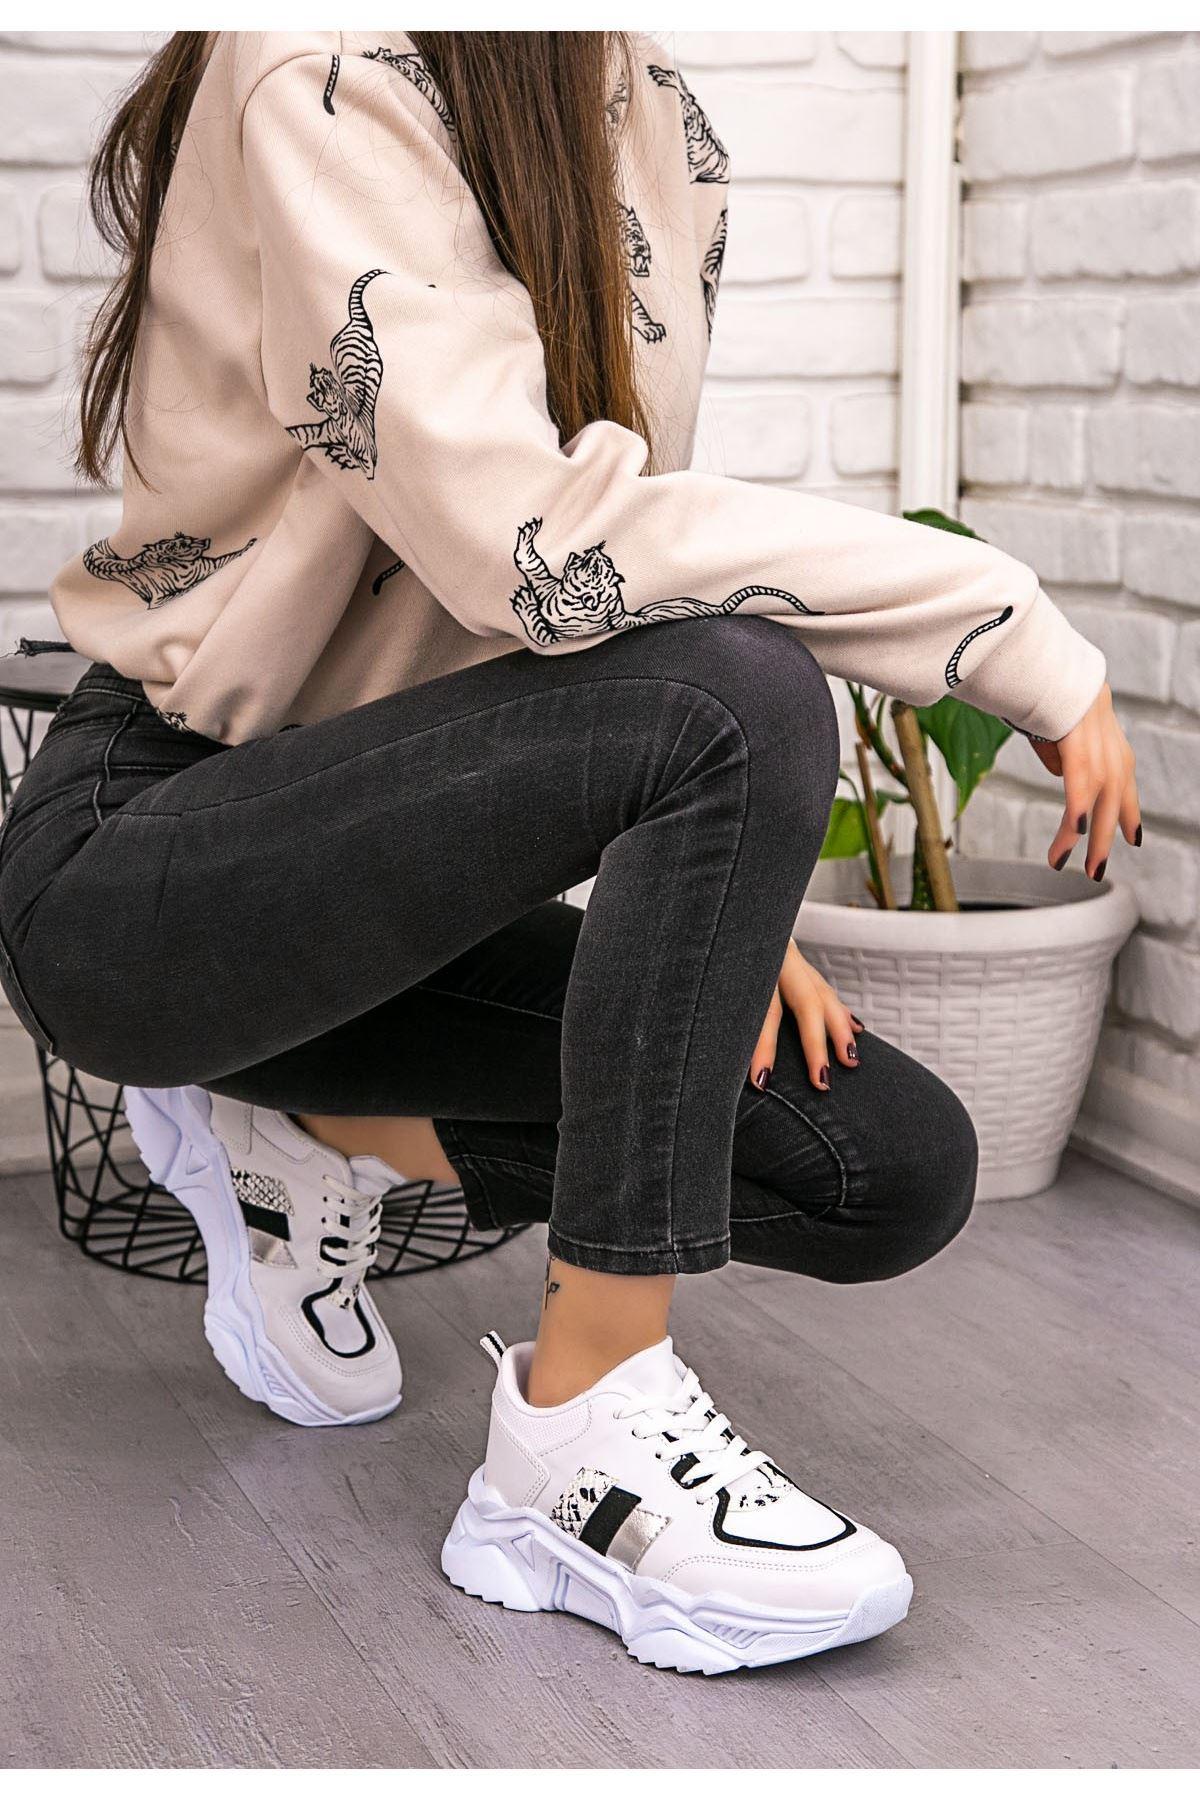 Guldy Beyaz Cilt Siyah Detaylı Ayakkabı